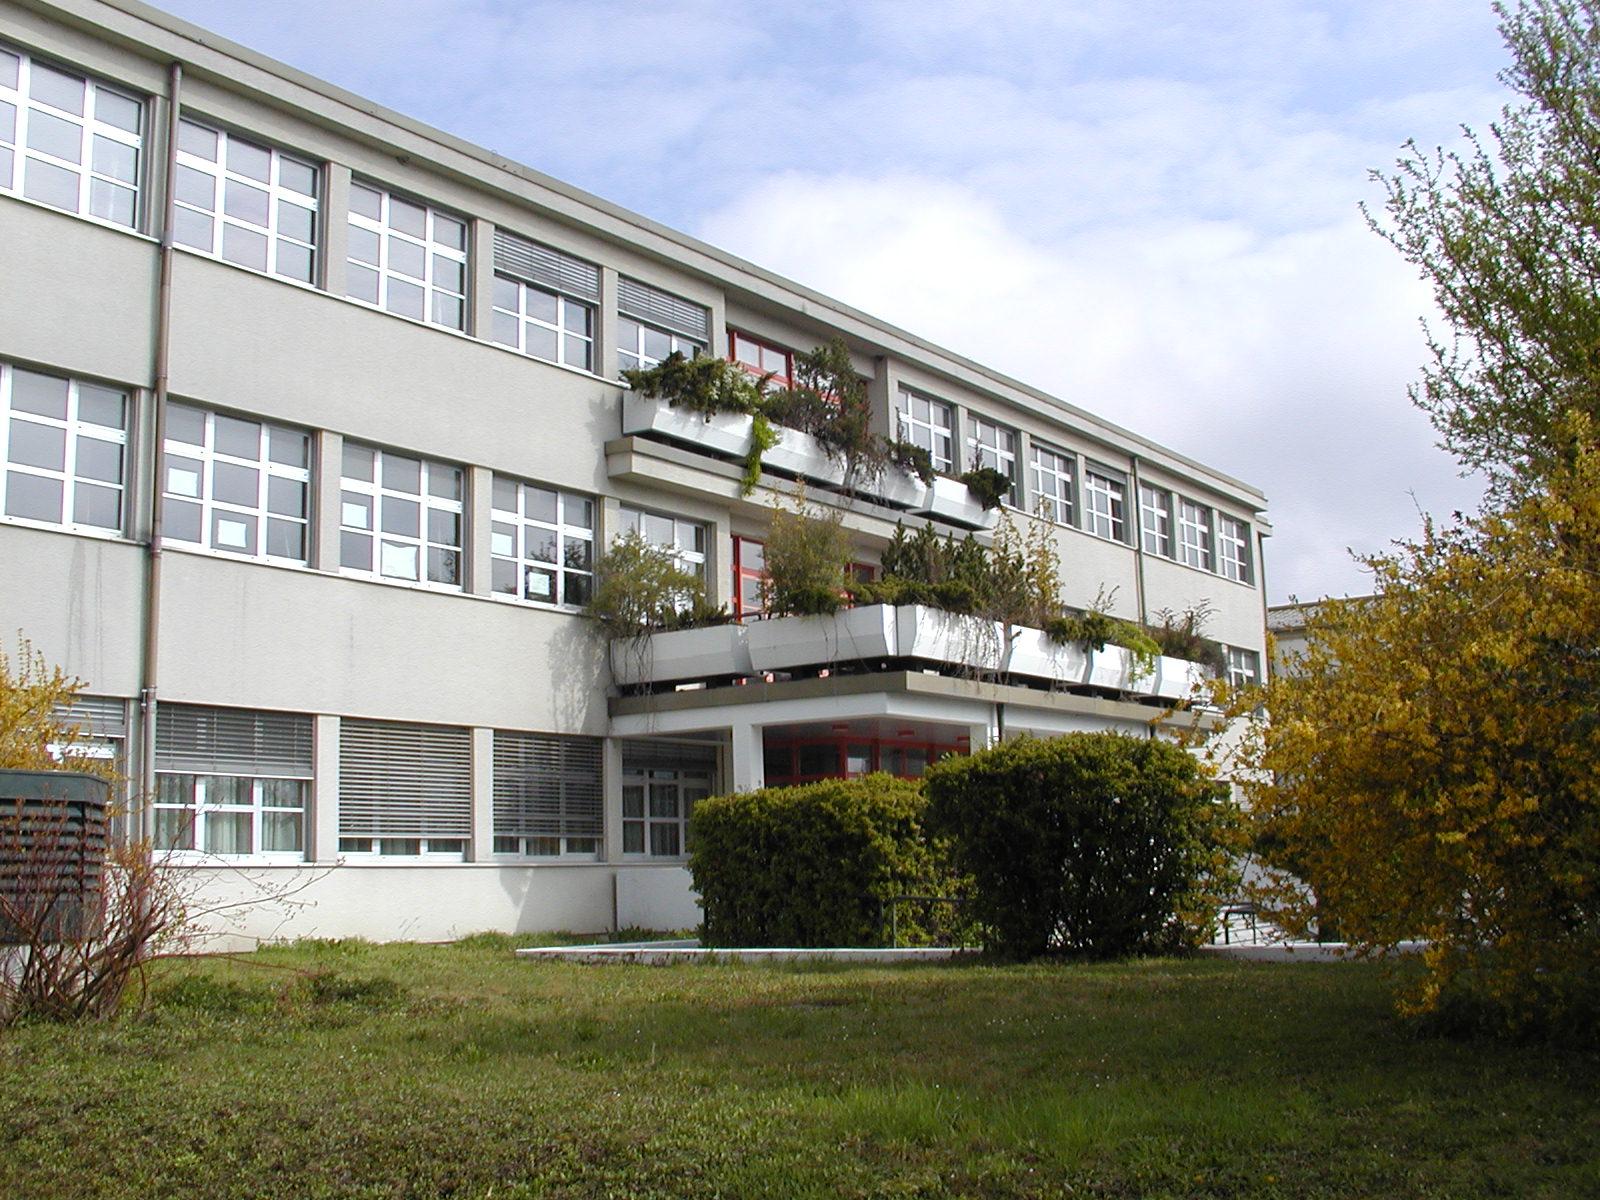 Foto Kontaktperson Kirchliche Pädagogische Hochschule Wien/Krems